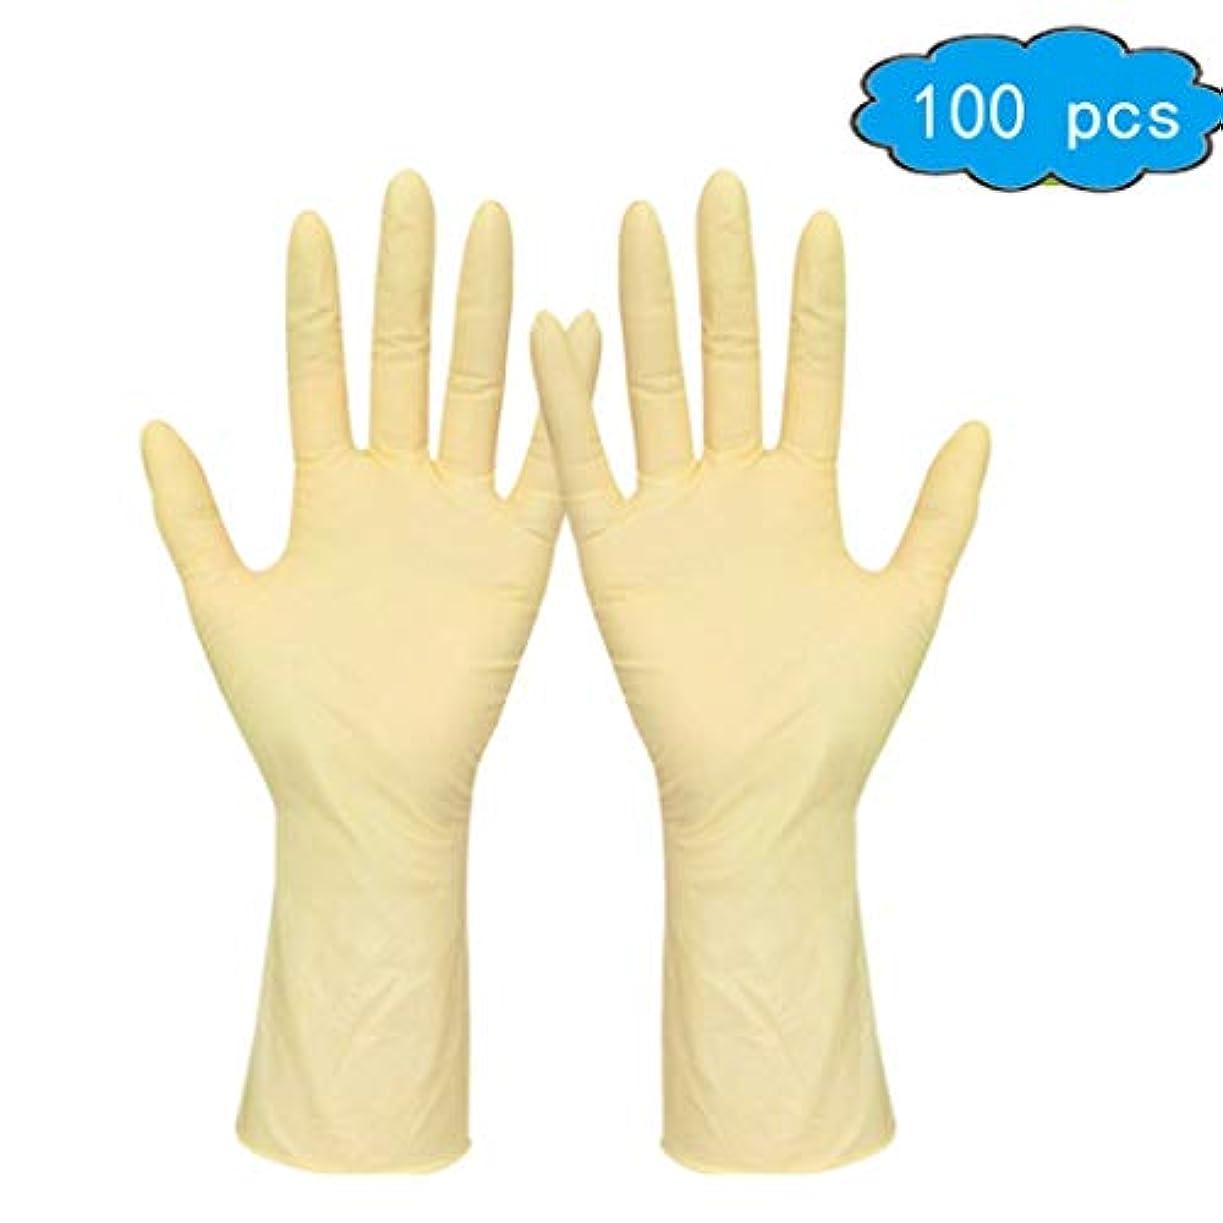 名誉あるトラップ弱点使い捨てラテックス手袋 - 100 /パック、ラボ、安全?作業手袋 (Color : Beige, Size : S)